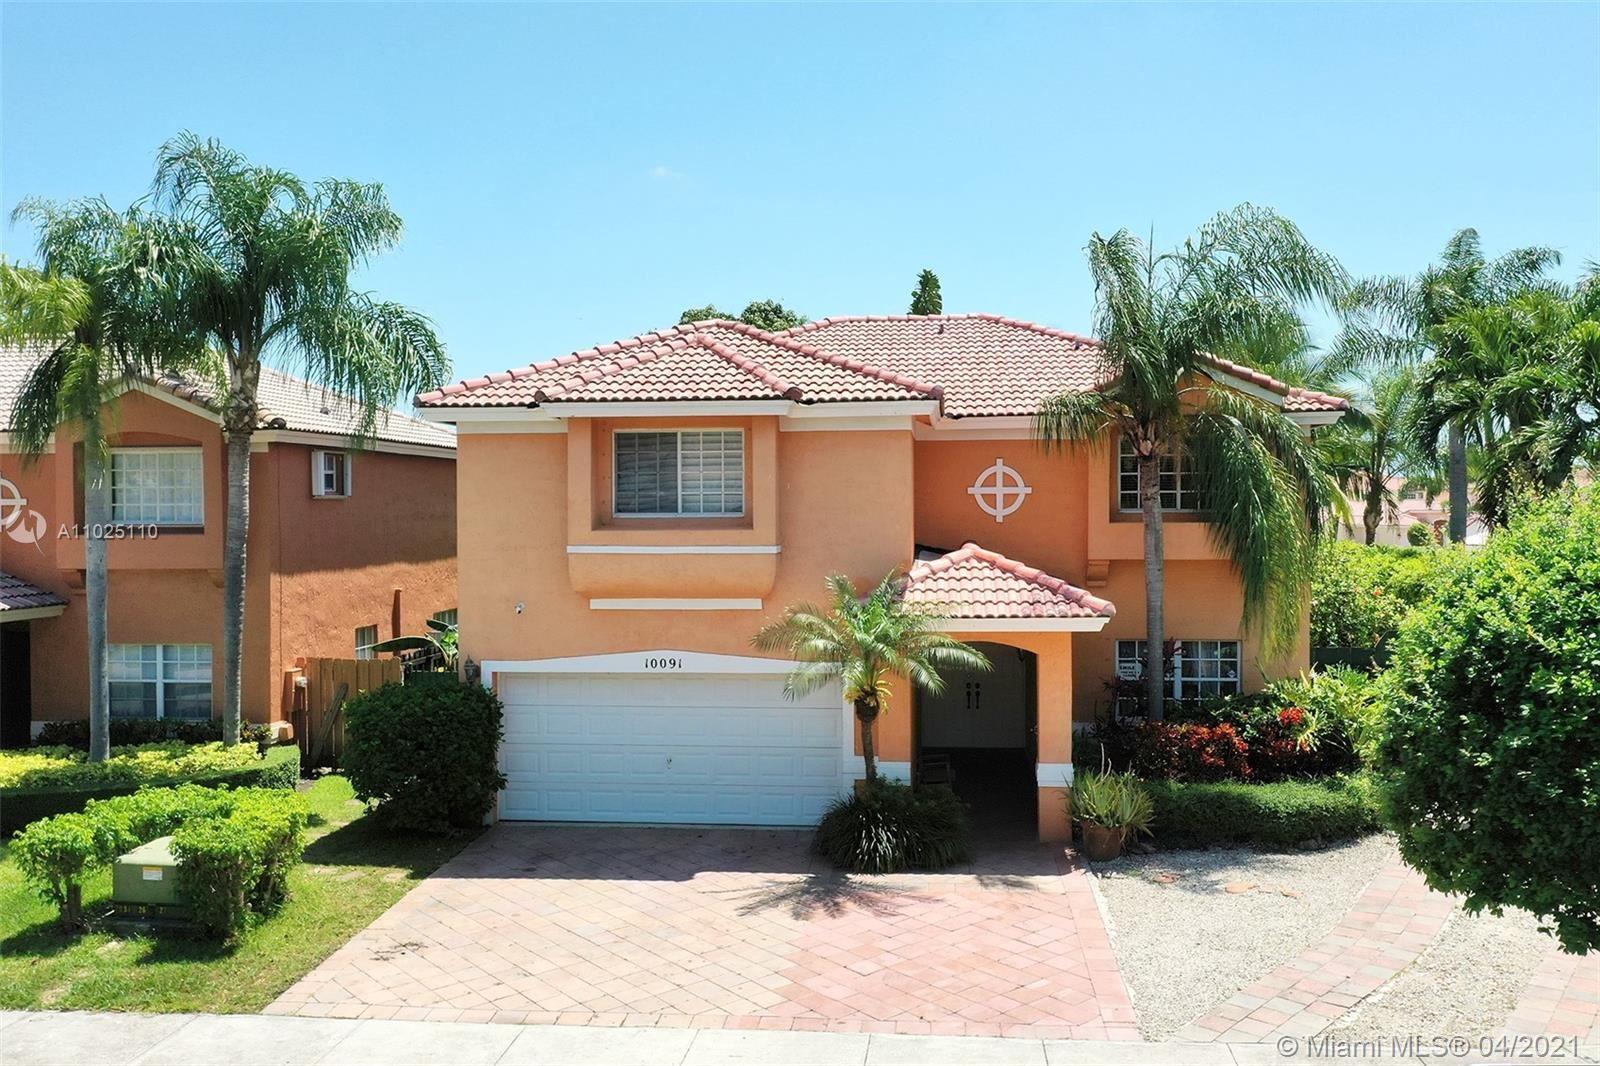 10091 SW 164th Ct, Miami, FL 33196 - #: A11025110